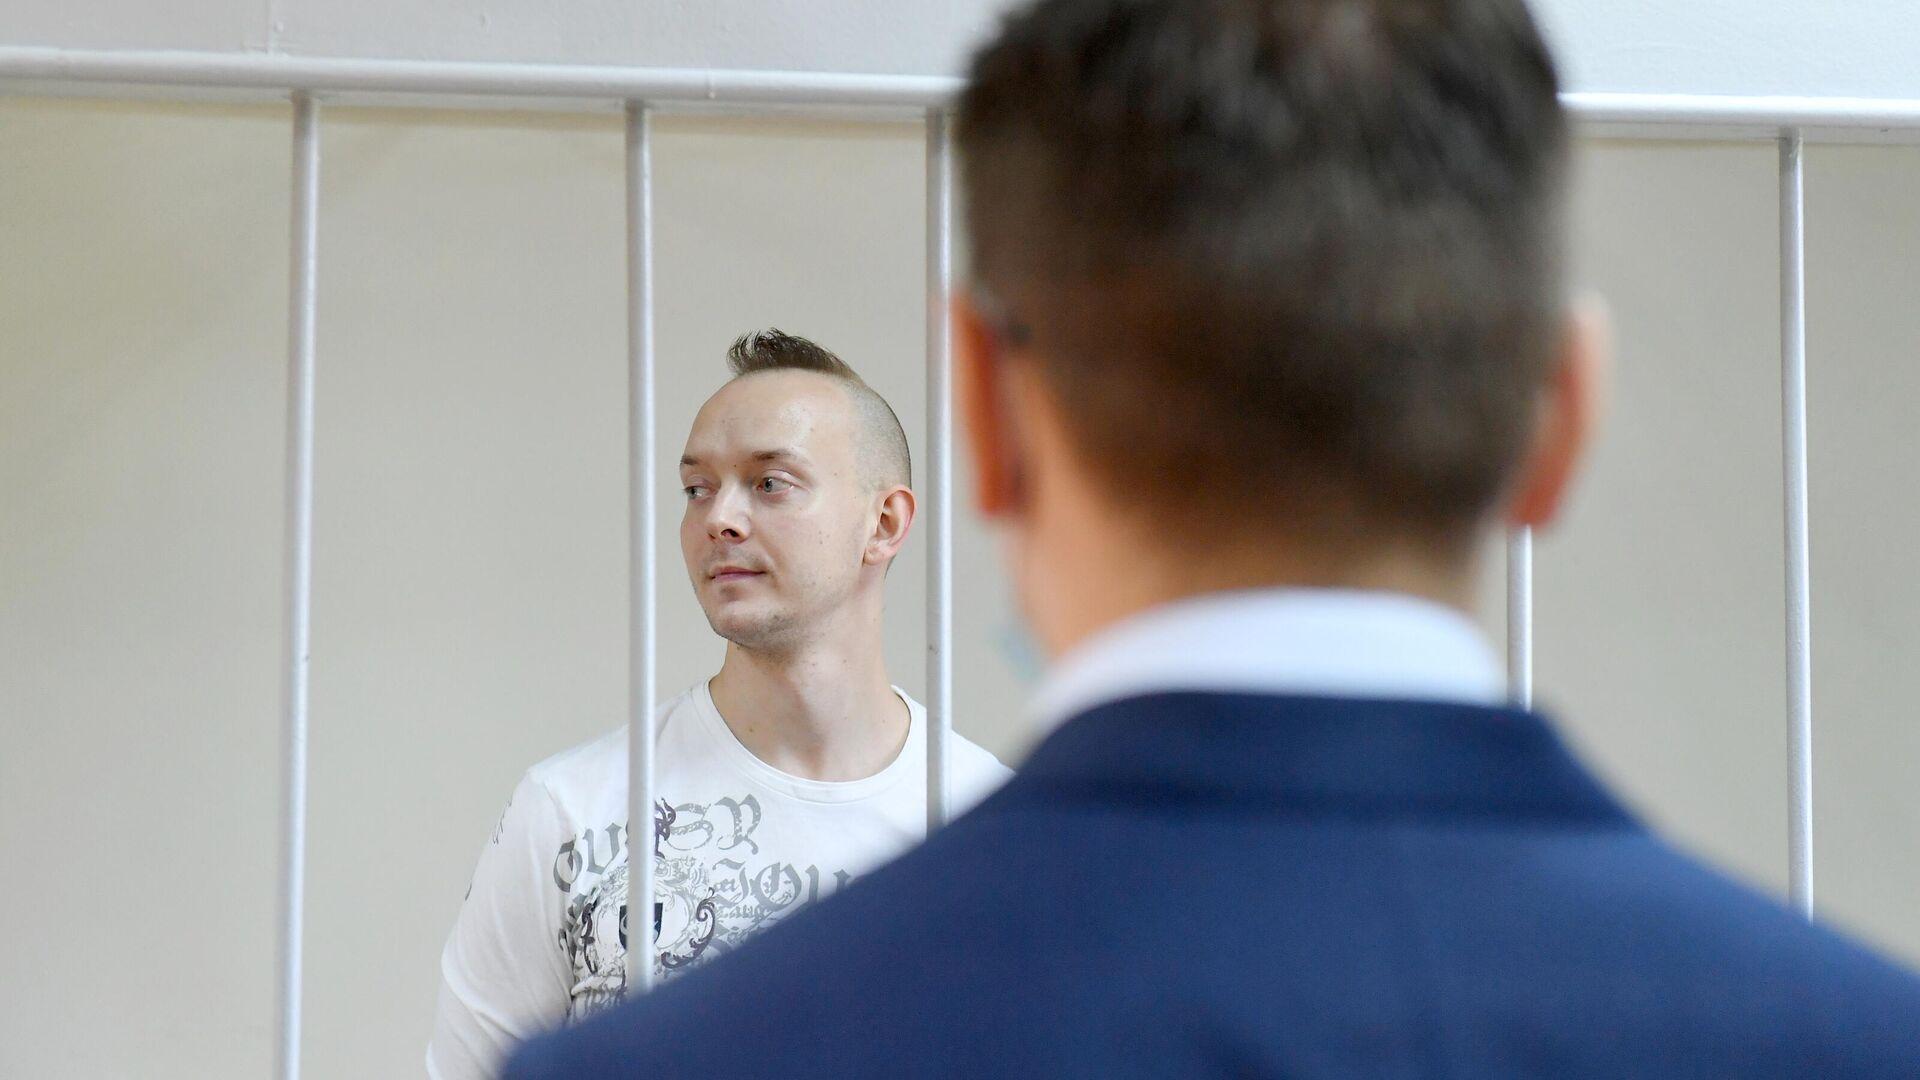 Путину доложат о публикации в СМИ постановления по делу Сафронова